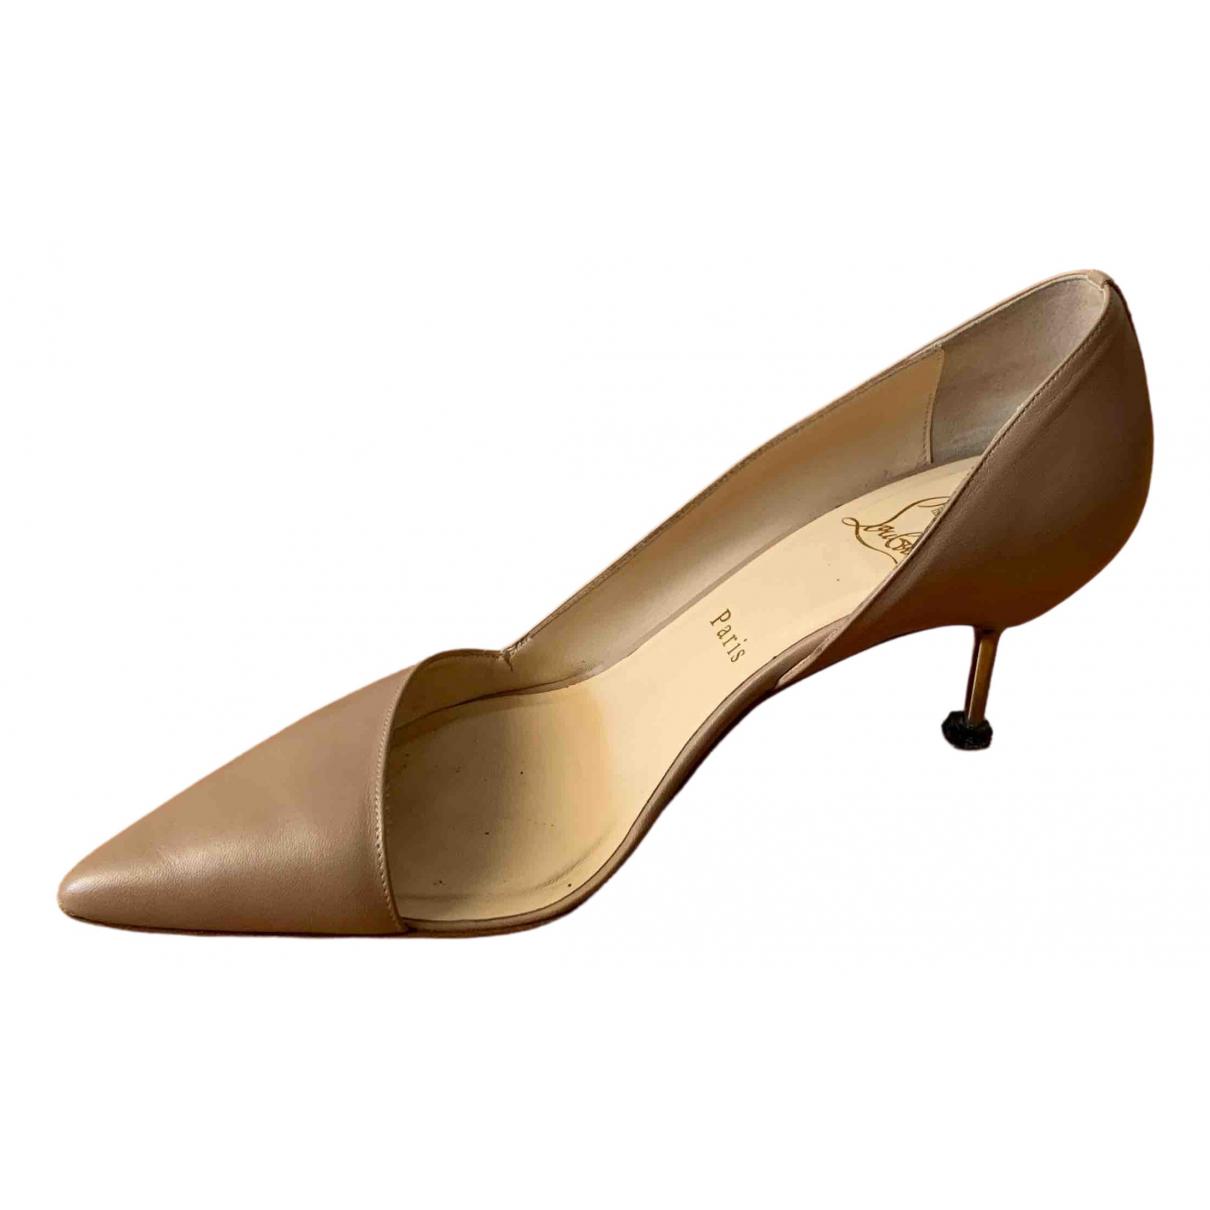 Christian Louboutin - Escarpins   pour femme en cuir - beige